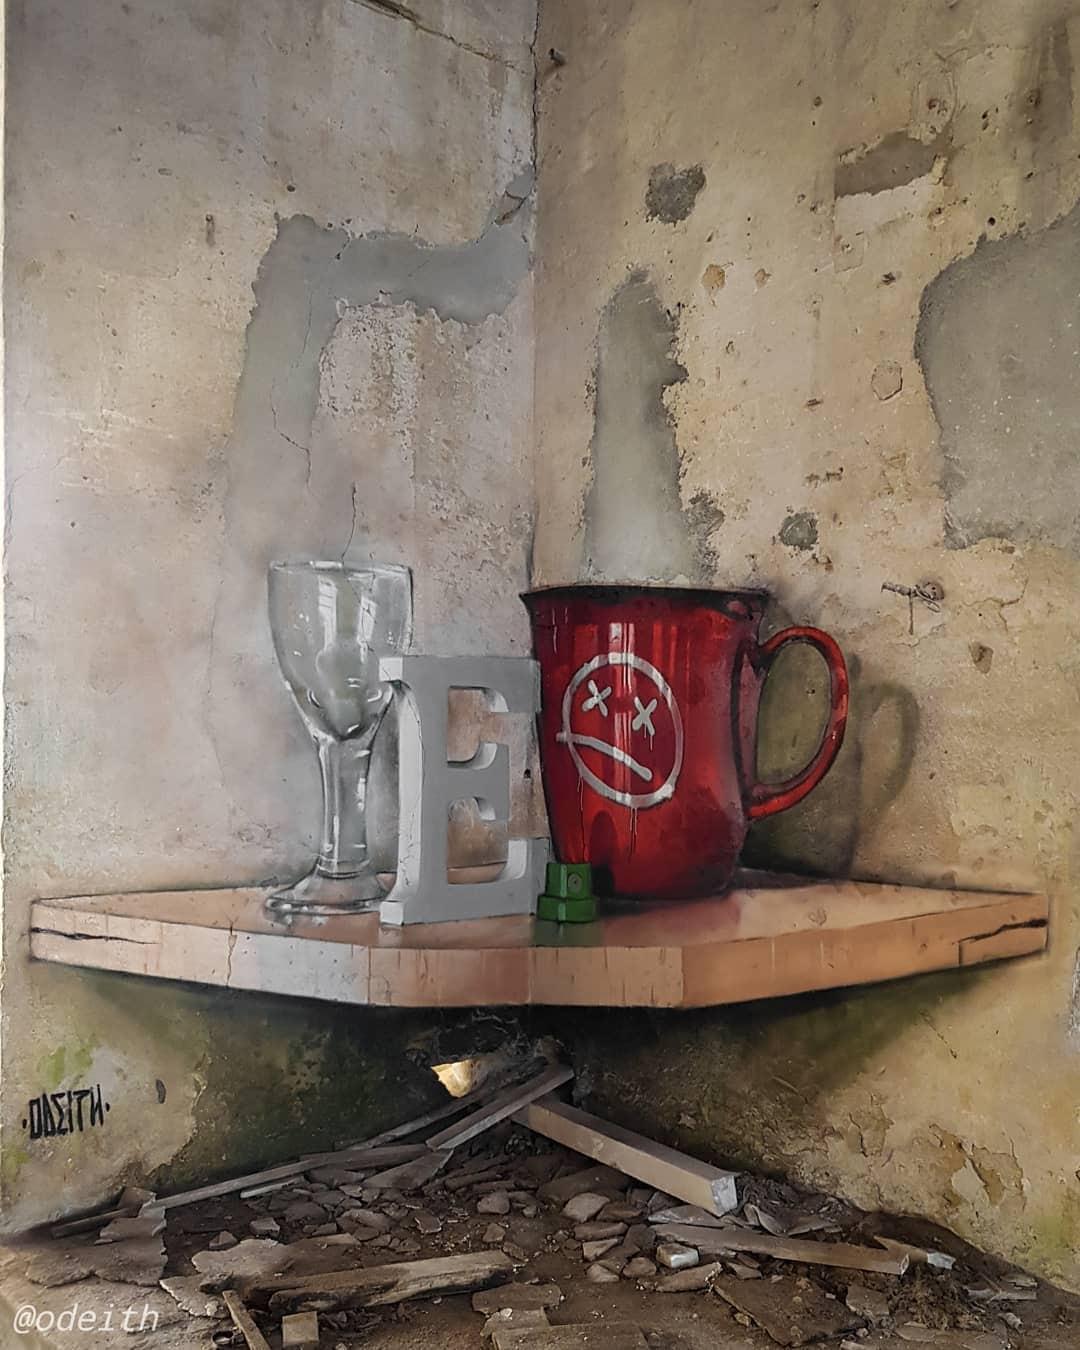 1565697708 293ca4609de40c7c67860463916dbe06 - 20 работ художника, который превращает невзрачные стены в невероятно реалистичные 3D-граффити